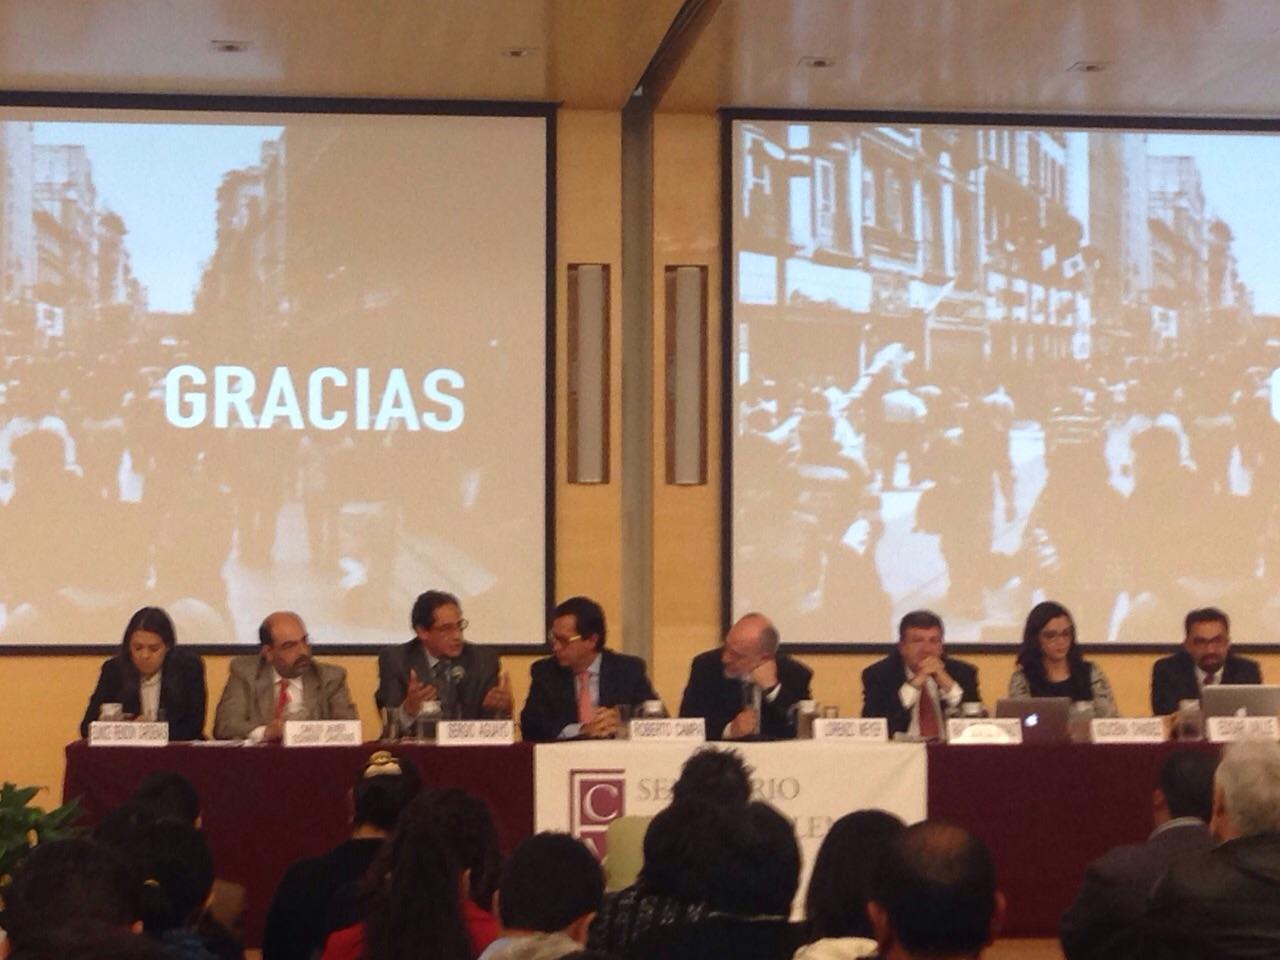 Ecatepec, el municipio con el mayor capital social negativo